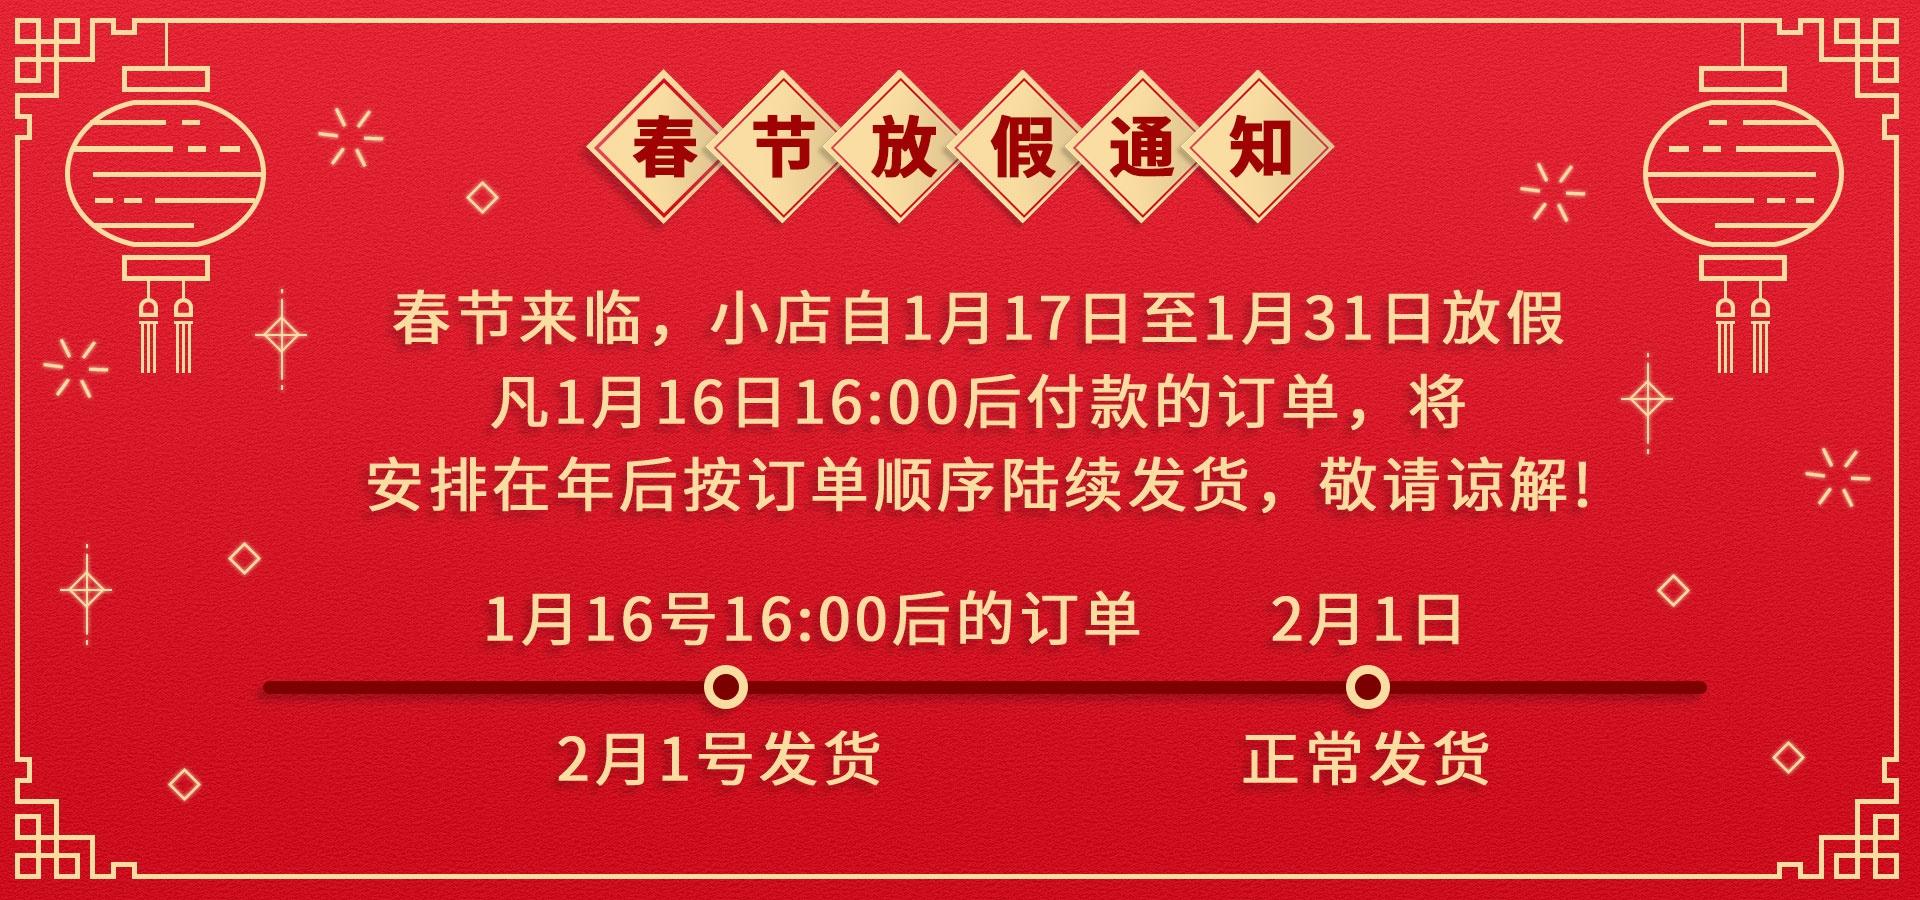 好老师新利体育app下载官网在线客服春节放假通知!